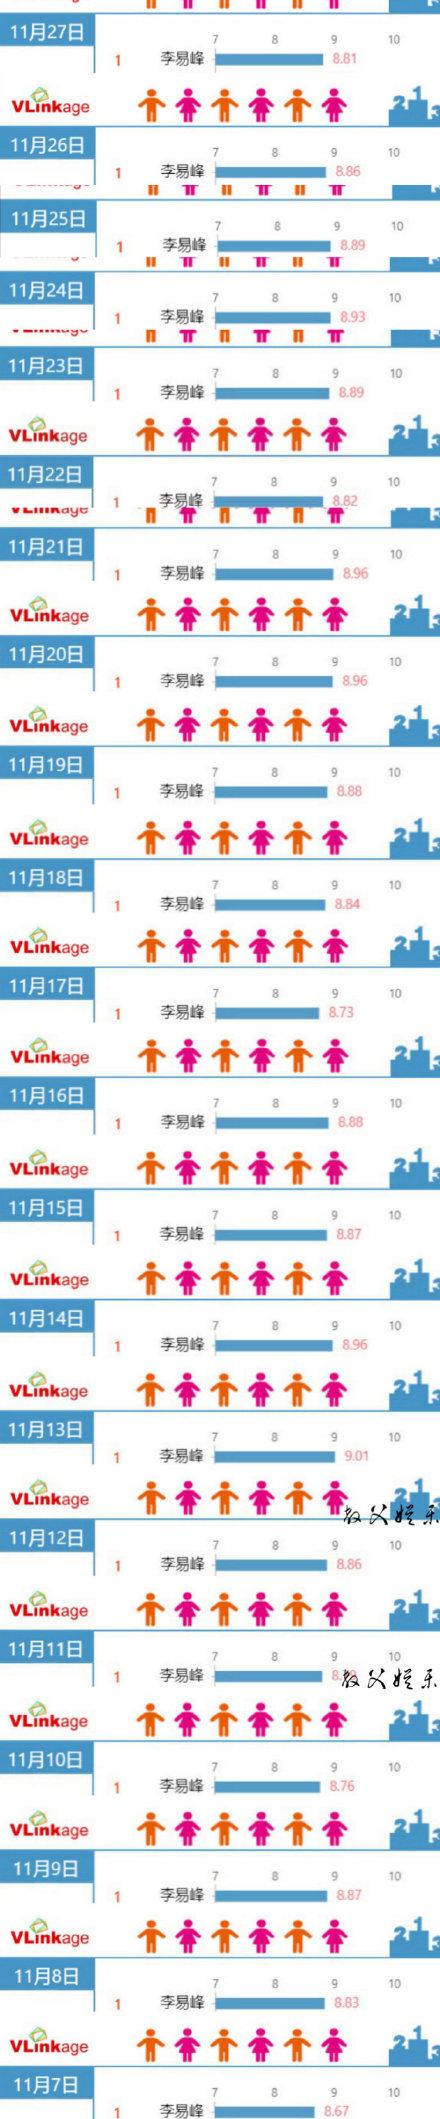 201128 李易峰连续21天登艺人新媒体电视剧演员榜单第一《隐秘而伟大》播放量破24亿